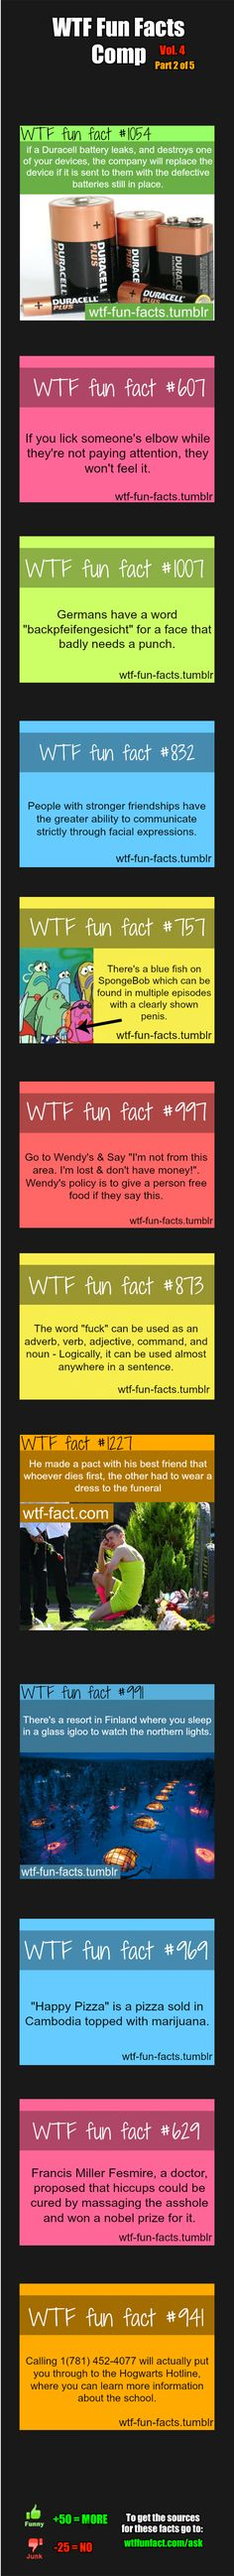 WTF Fun Facts Comp Vol. 4 Part 2